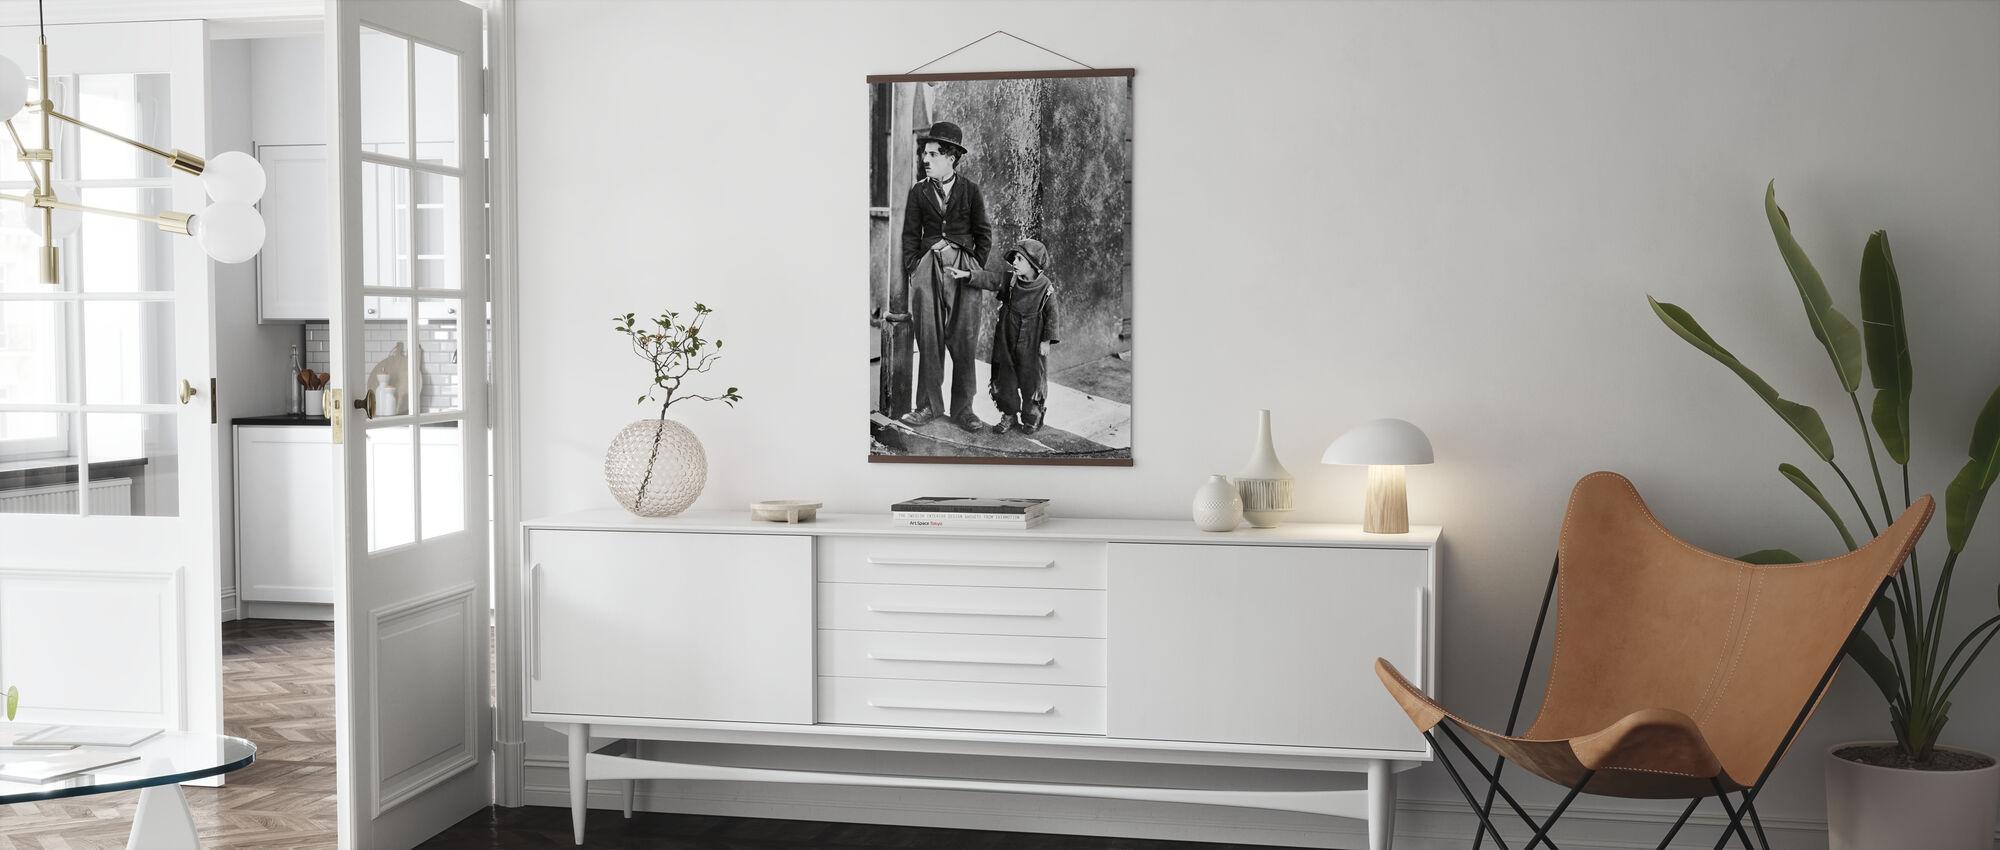 Charlie Chaplin ja Jackie Coogan Kidissä - Juliste - Olohuone